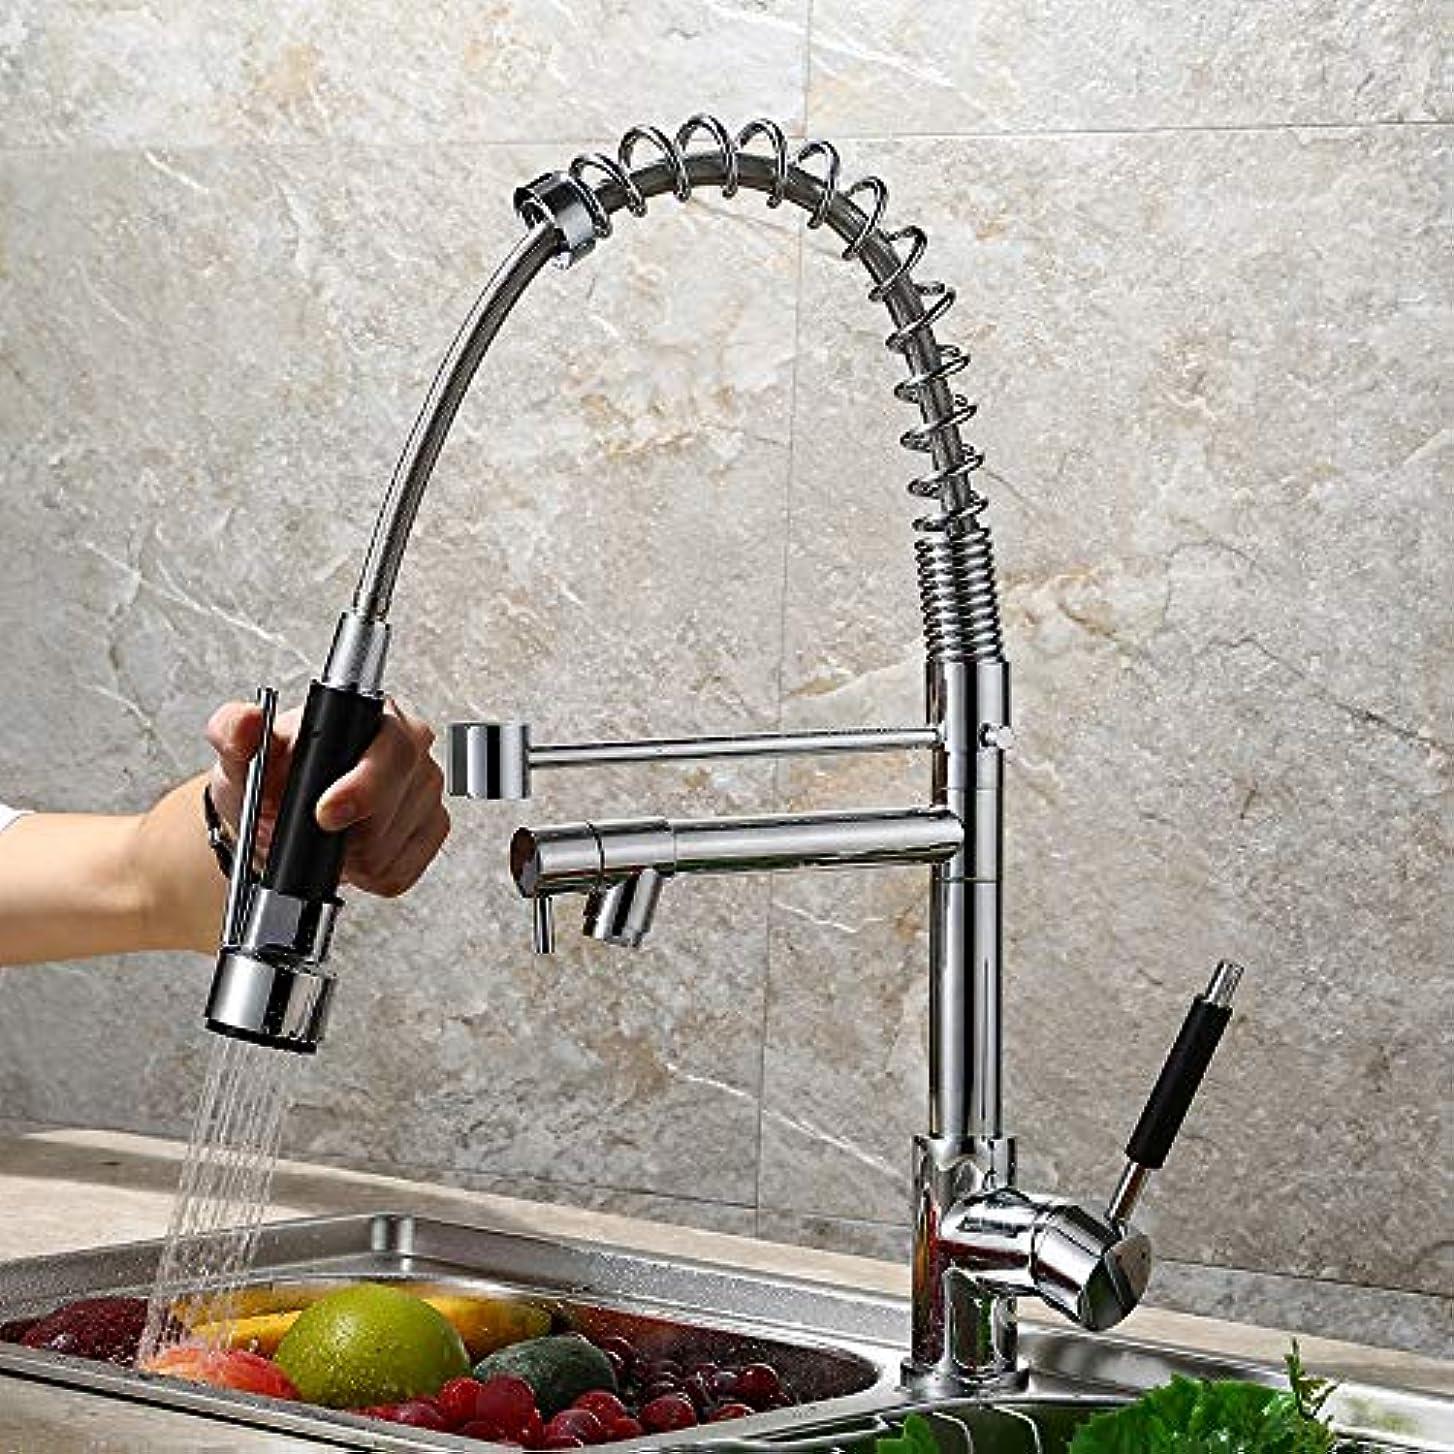 ローストバイバイ溶けた兼用縦型シンク/洗面台用蛇口、バスルーム/キッチン用洗練された銅、起毛スプリング/回転式/ホット/コールド 作りが精巧である